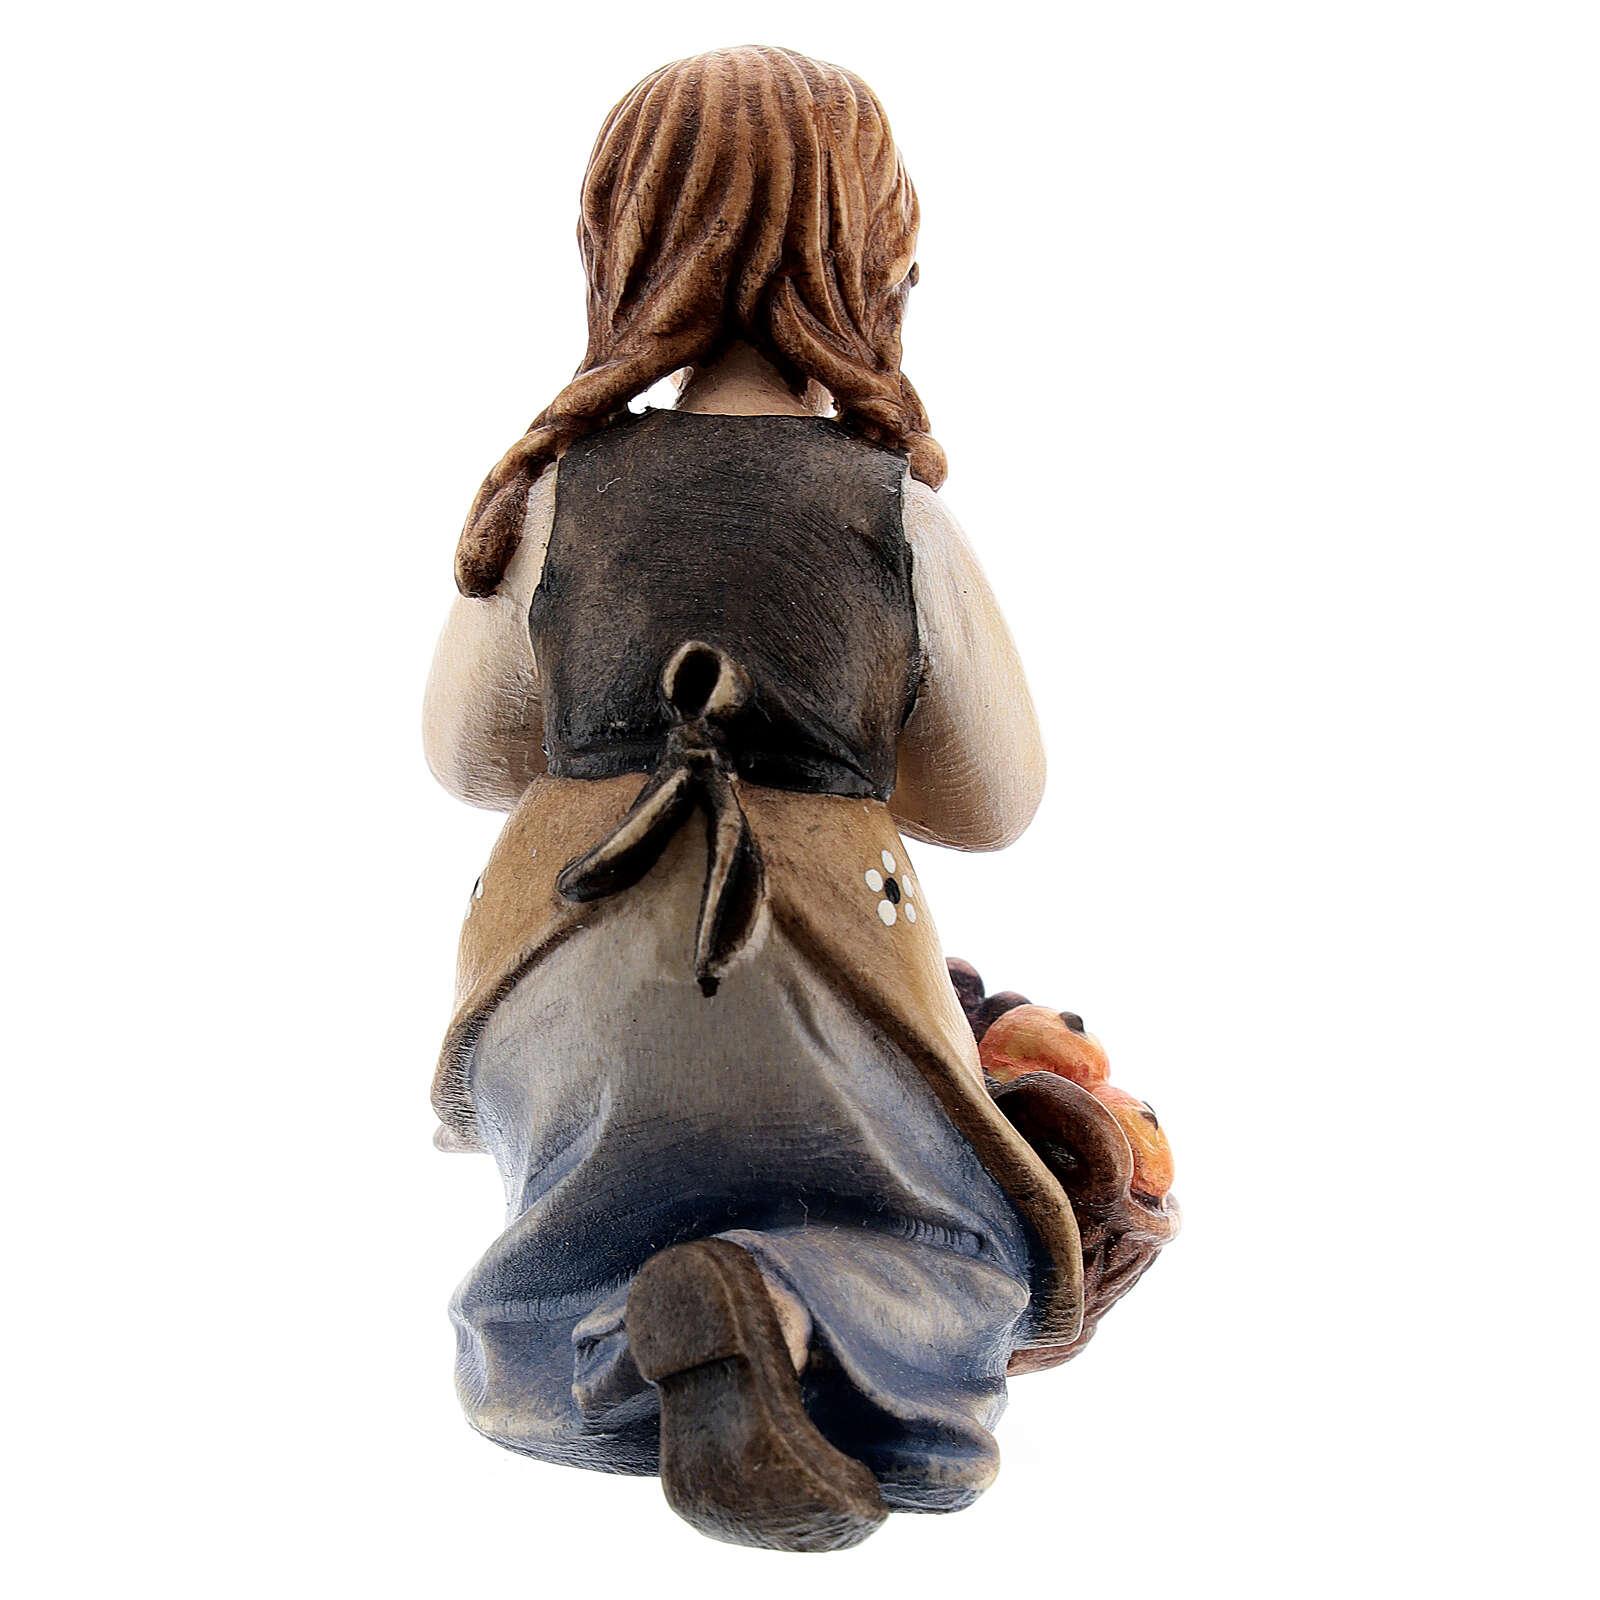 Kneeling girl in painted wood for Kostner Nativity Scene 12 cm 4